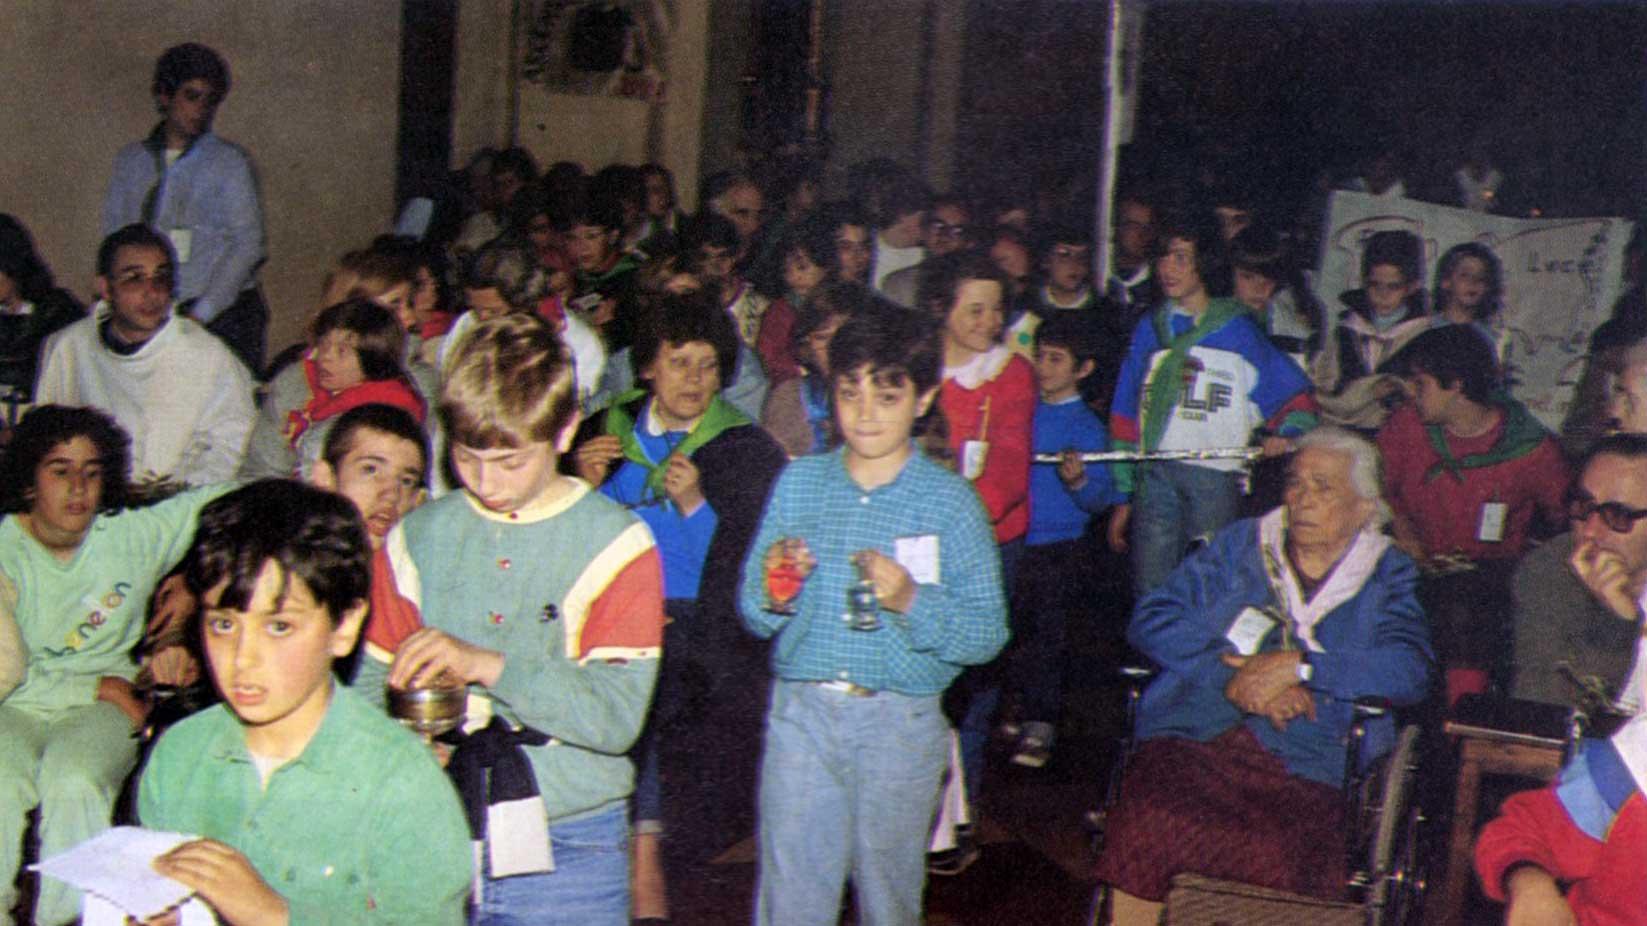 017 - Le foto del pellegrinaggio di Assisi 1986 - Ombre e Luci n.14, 1986